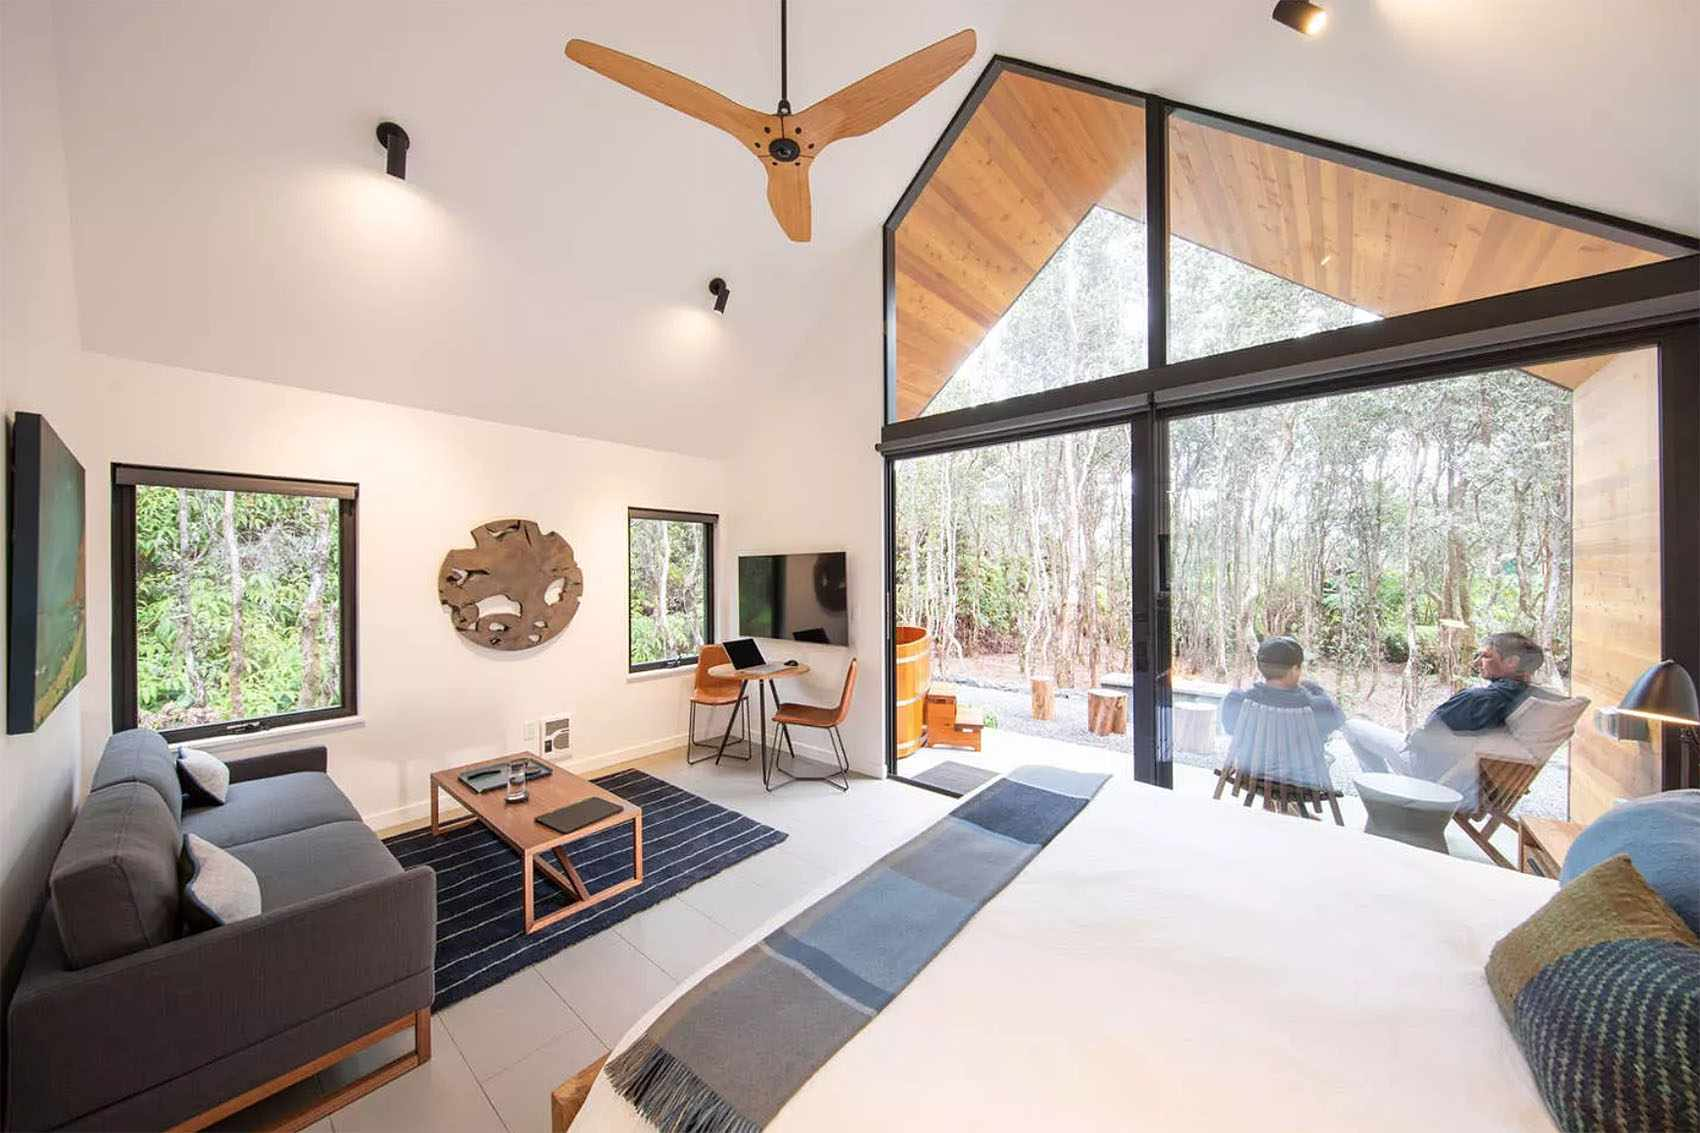 kuono cabin hawaii living sleeping room